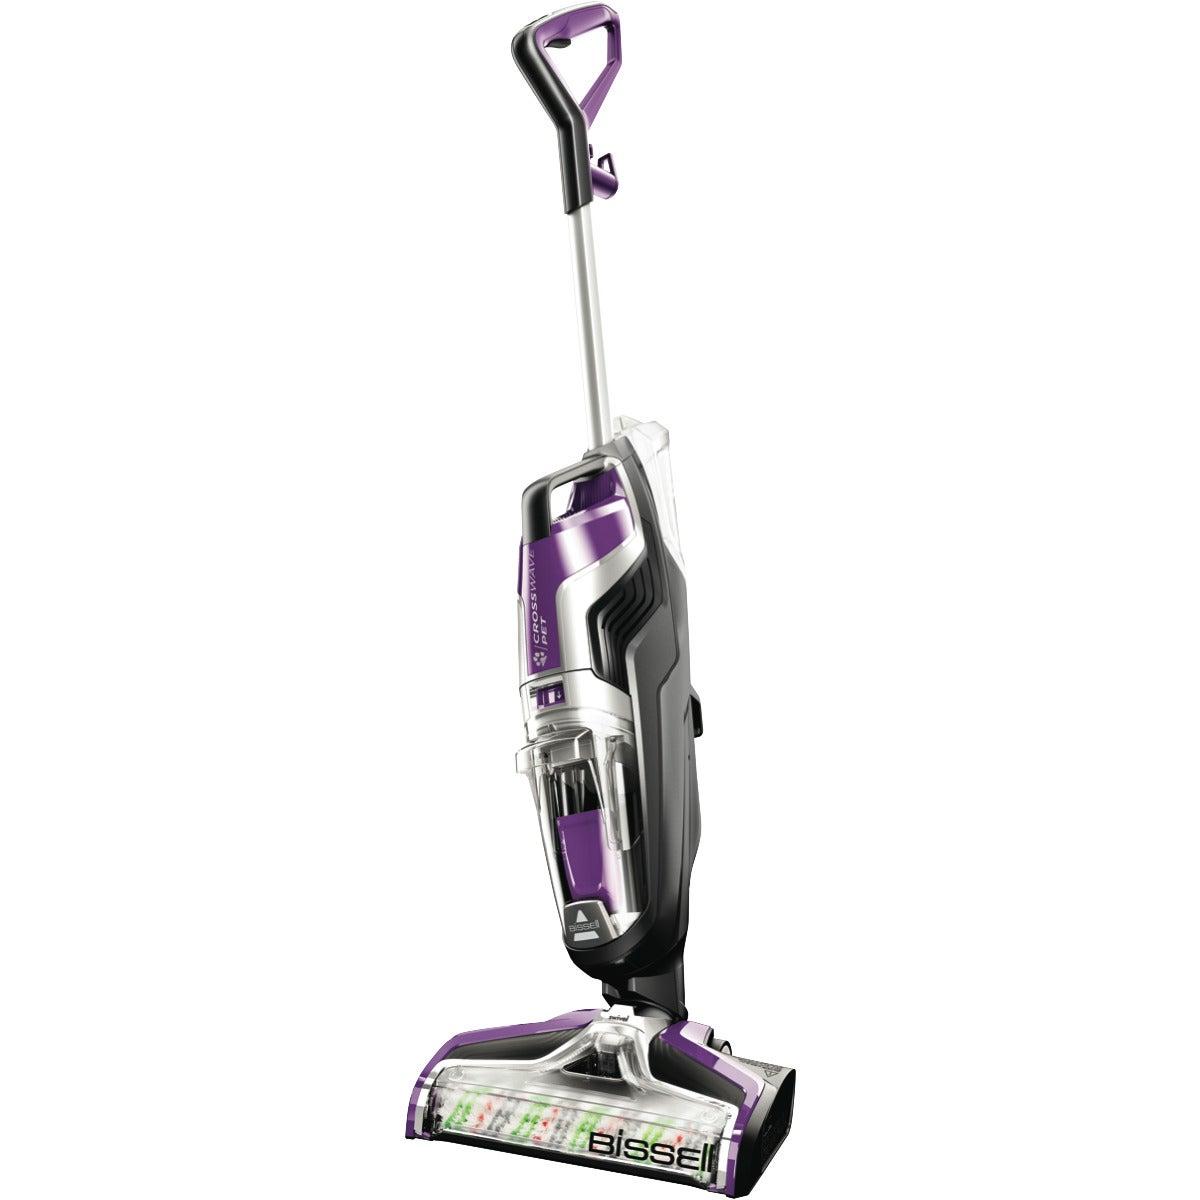 Bissell 2225F CrossWave Pet Vacuum